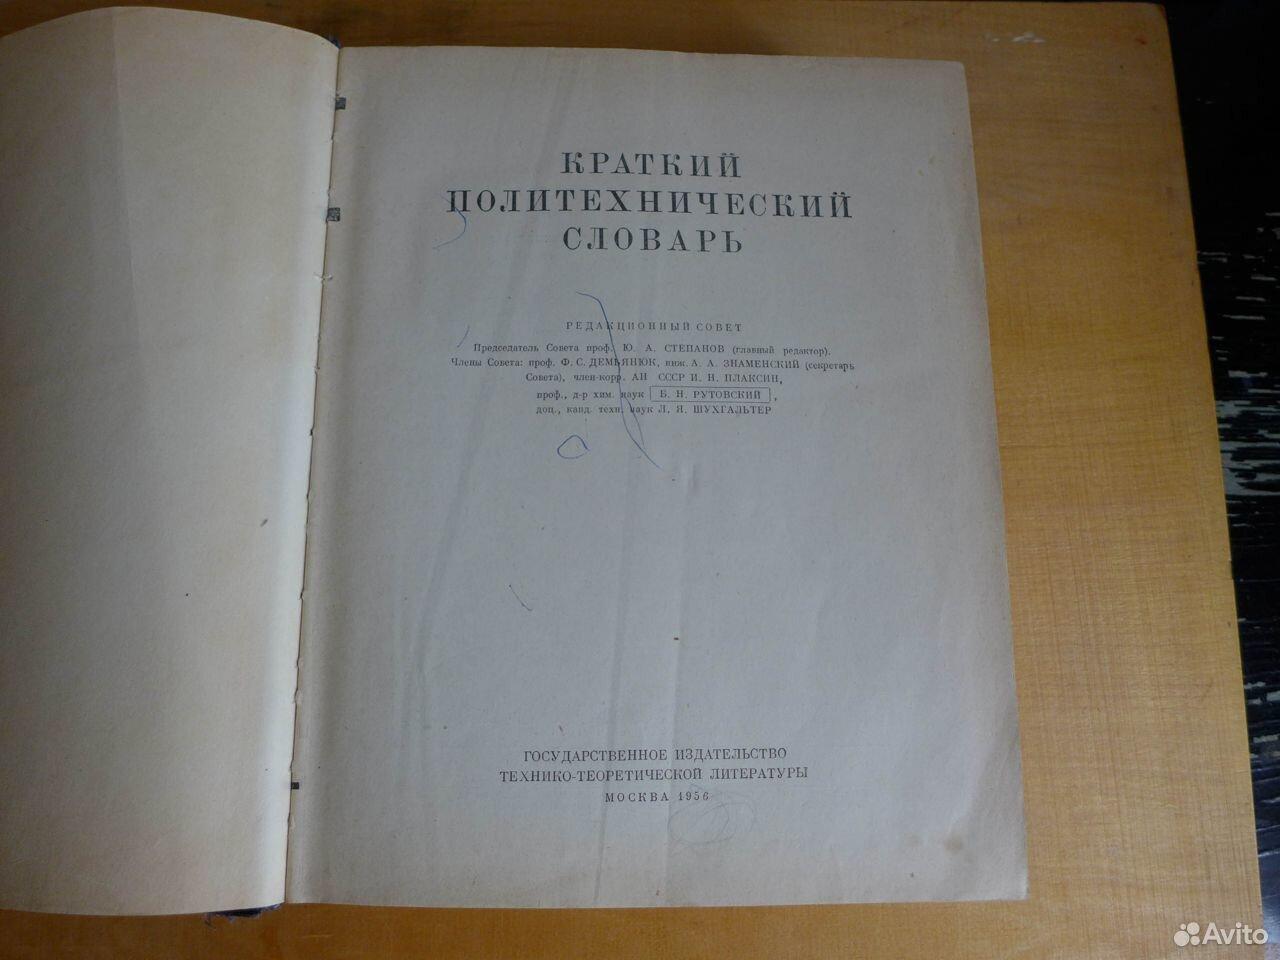 Краткий политехническмй словарь  89009153030 купить 2